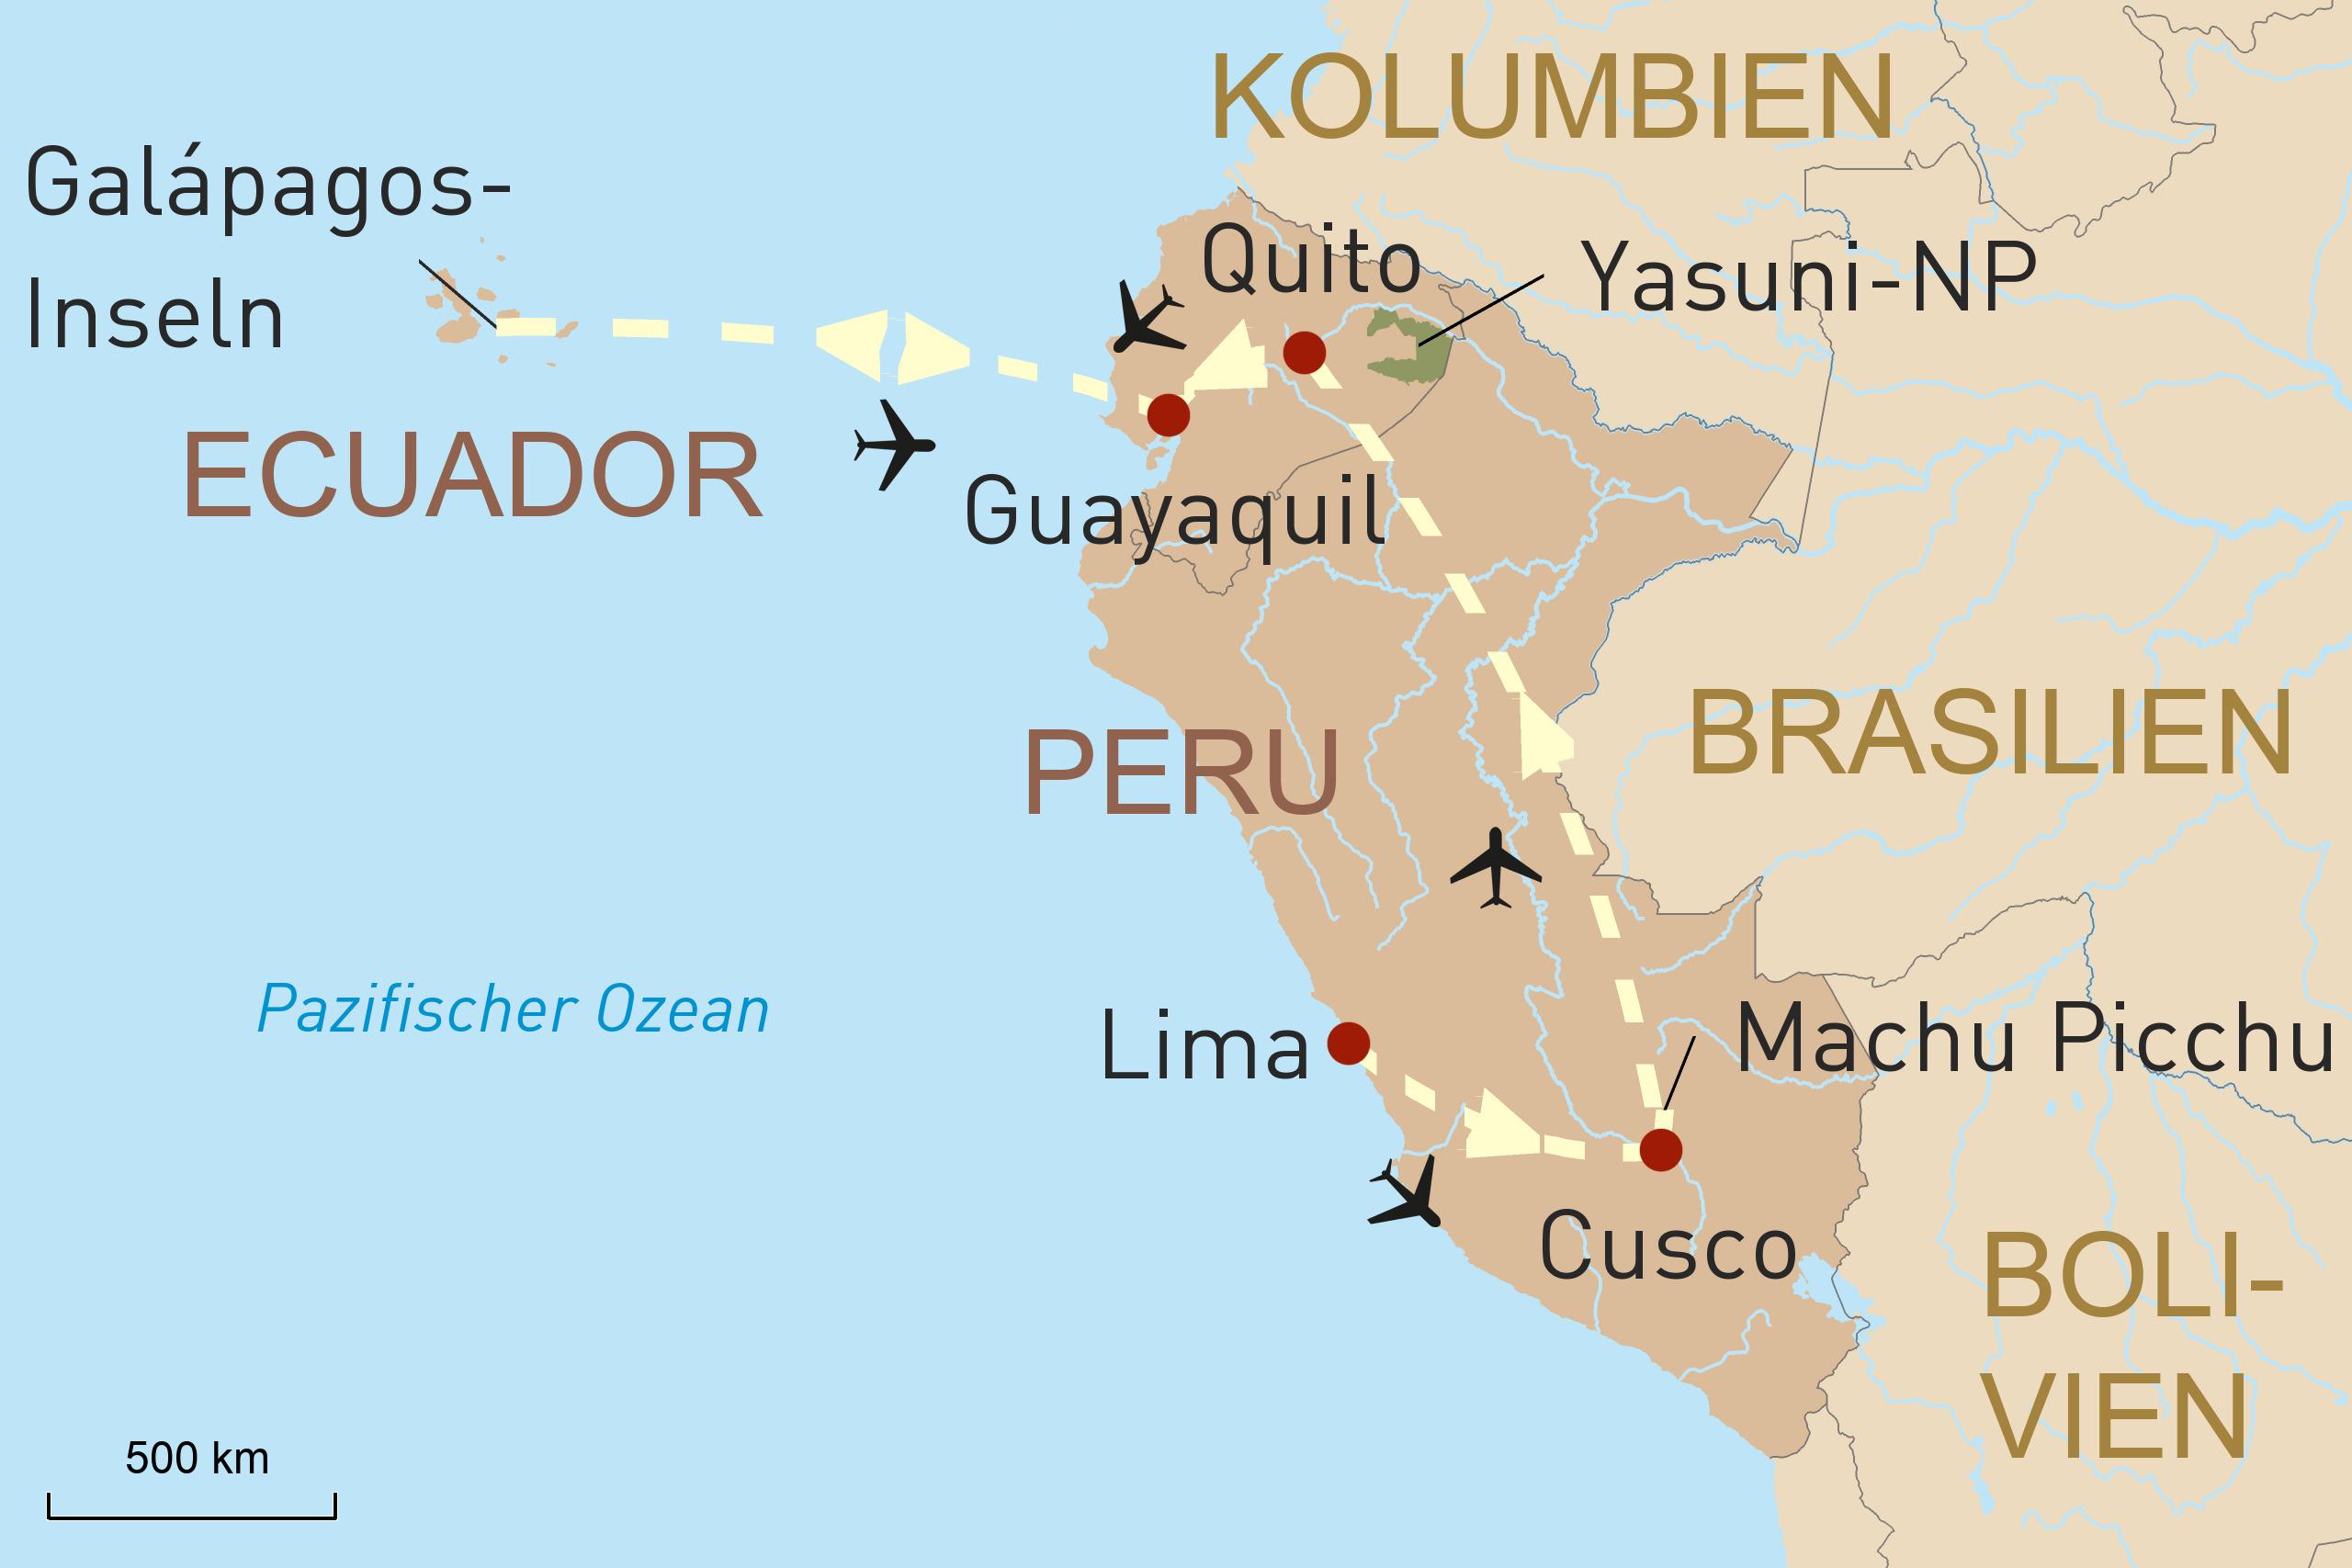 Von Machu Picchu zu den Galápagos-Inseln